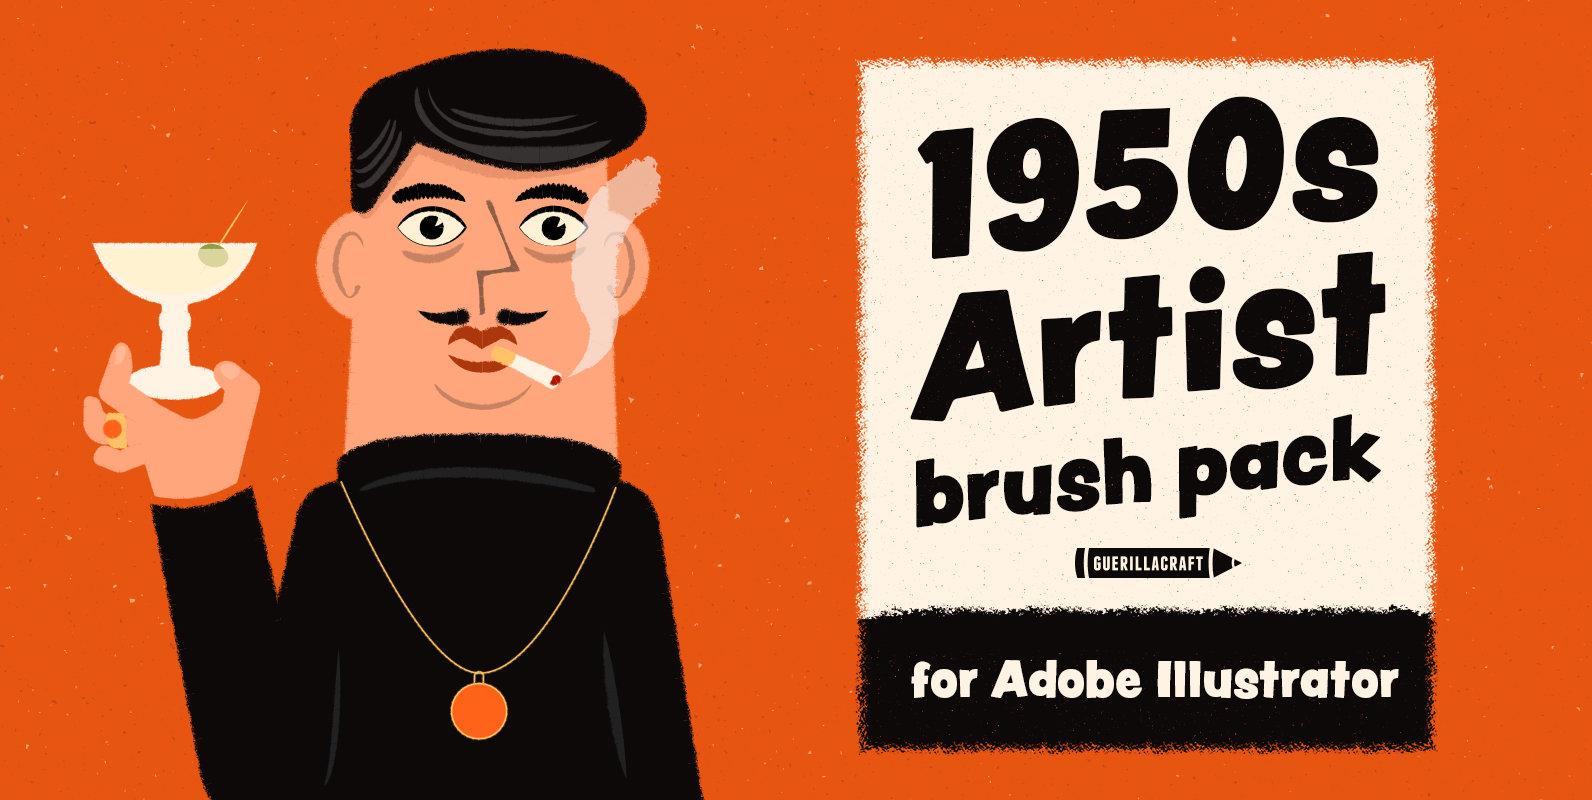 1950s Artist Brush Pack